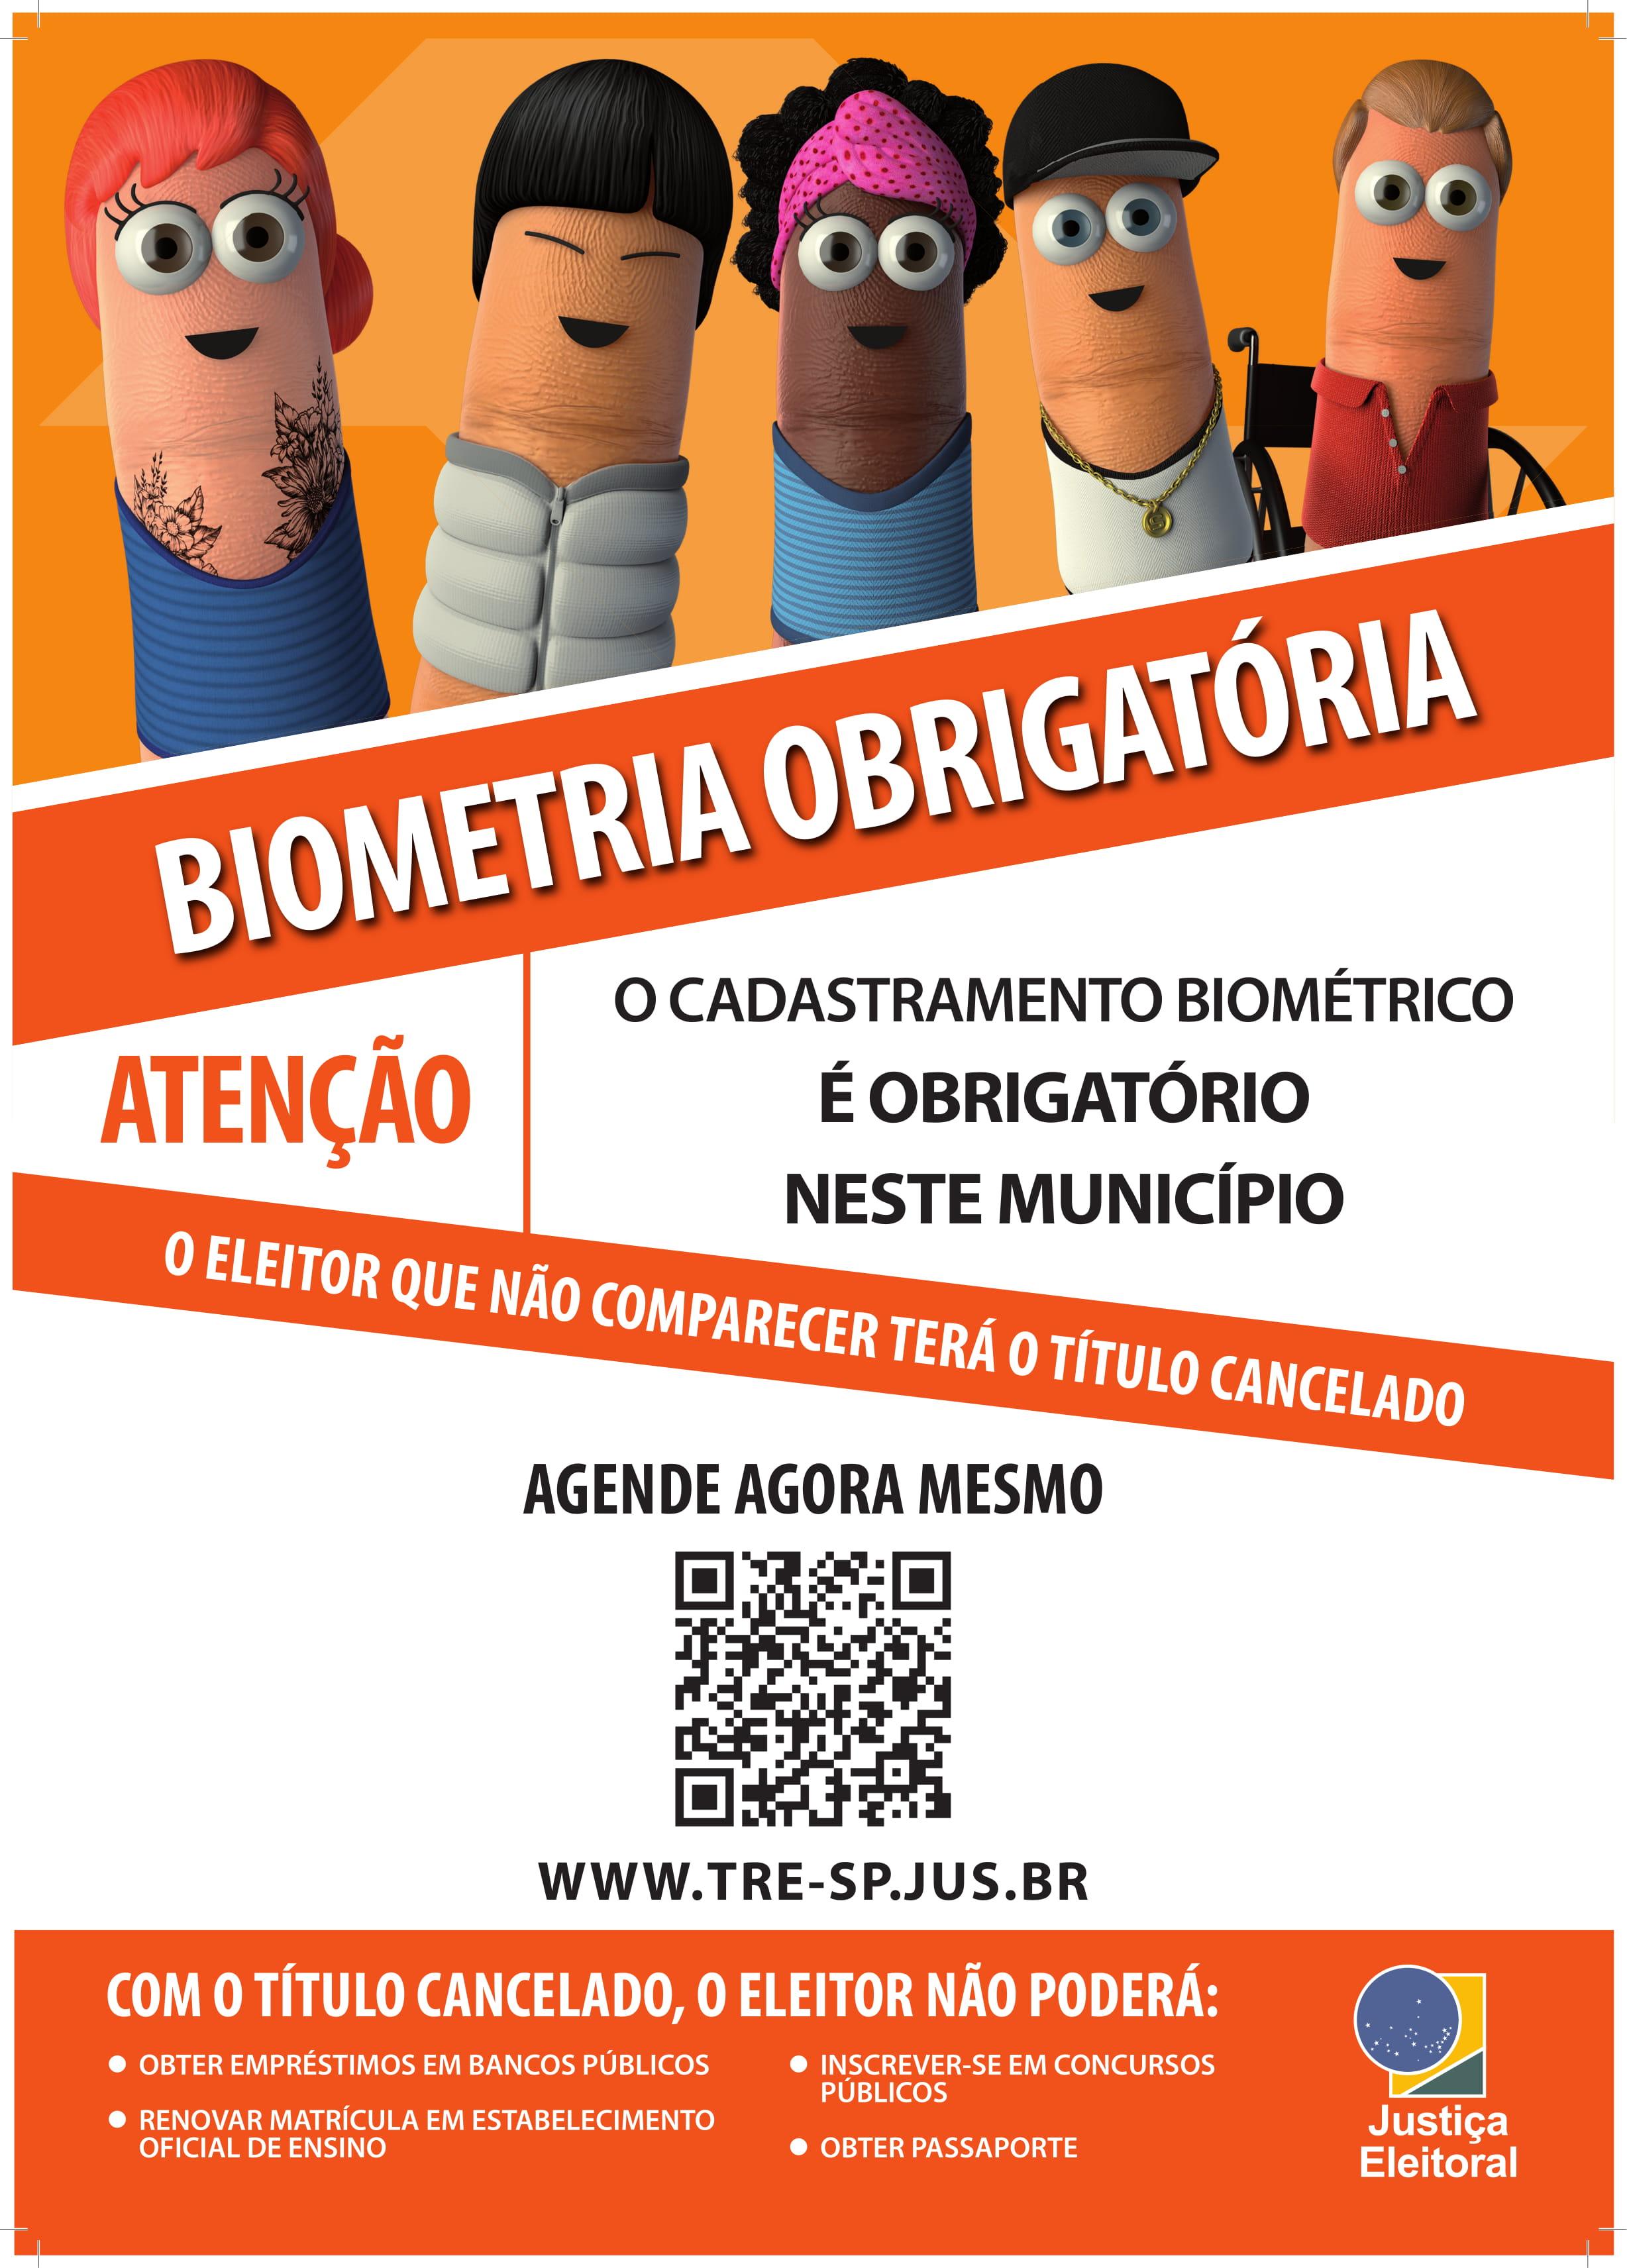 Prazo para cadastramento biométrico em Mirandópolis e Guaraçaí termina em dezembro